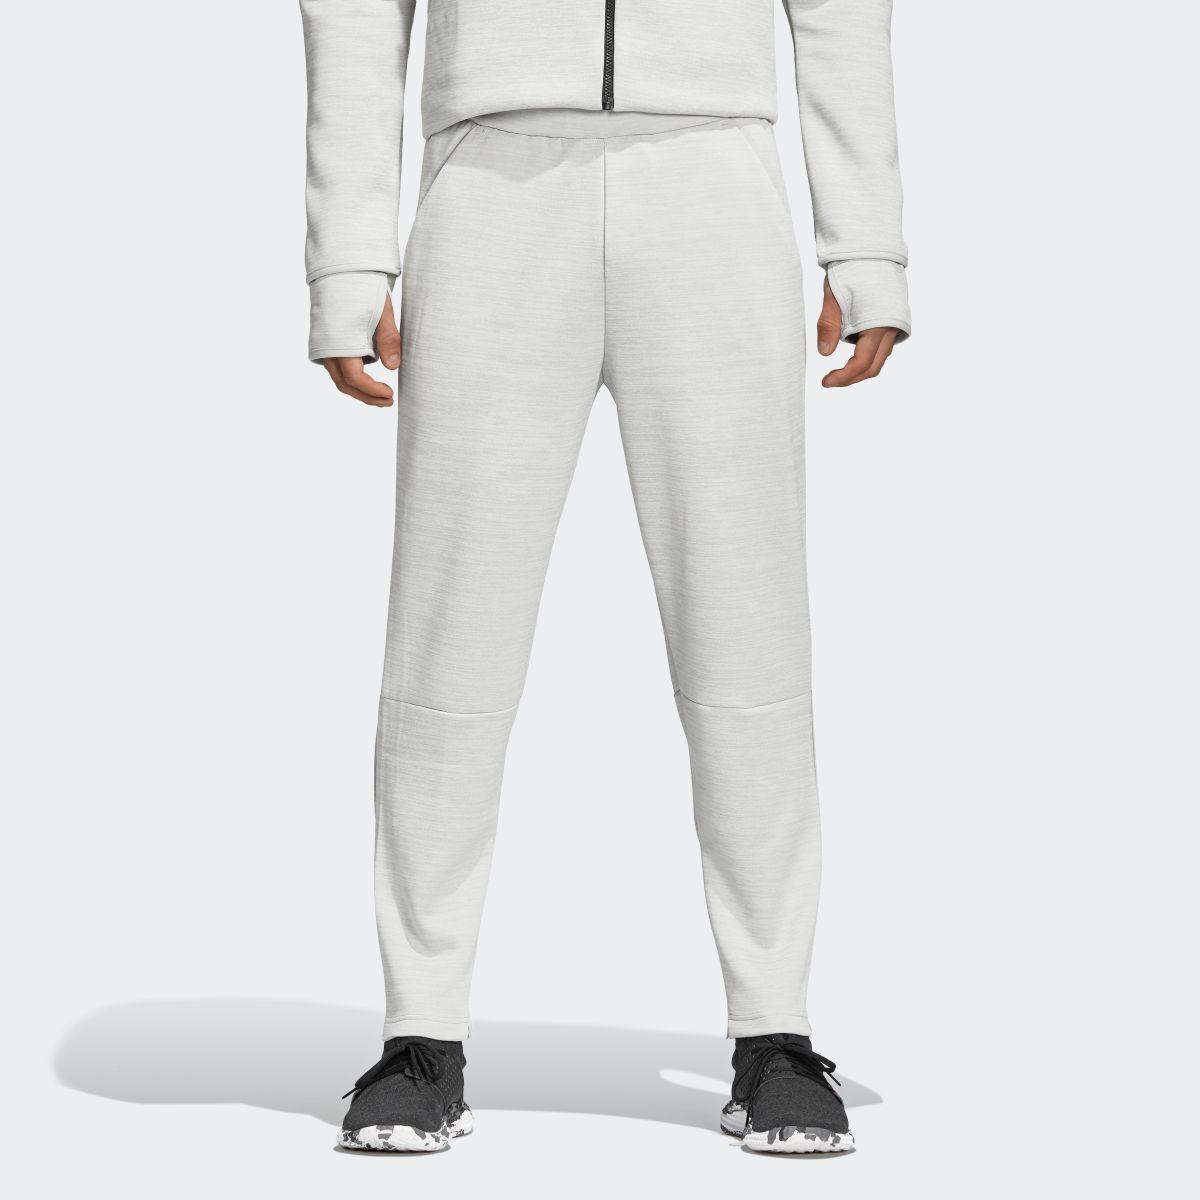 2019春の新作 【公式】アディダス adidas M adidas adidas Z.N.E. パンツ M メンズ adidas DM8845 ジム・トレーニング ウェア ダブルニット, Takeo-shop:57aeebd8 --- business.personalco5.dominiotemporario.com